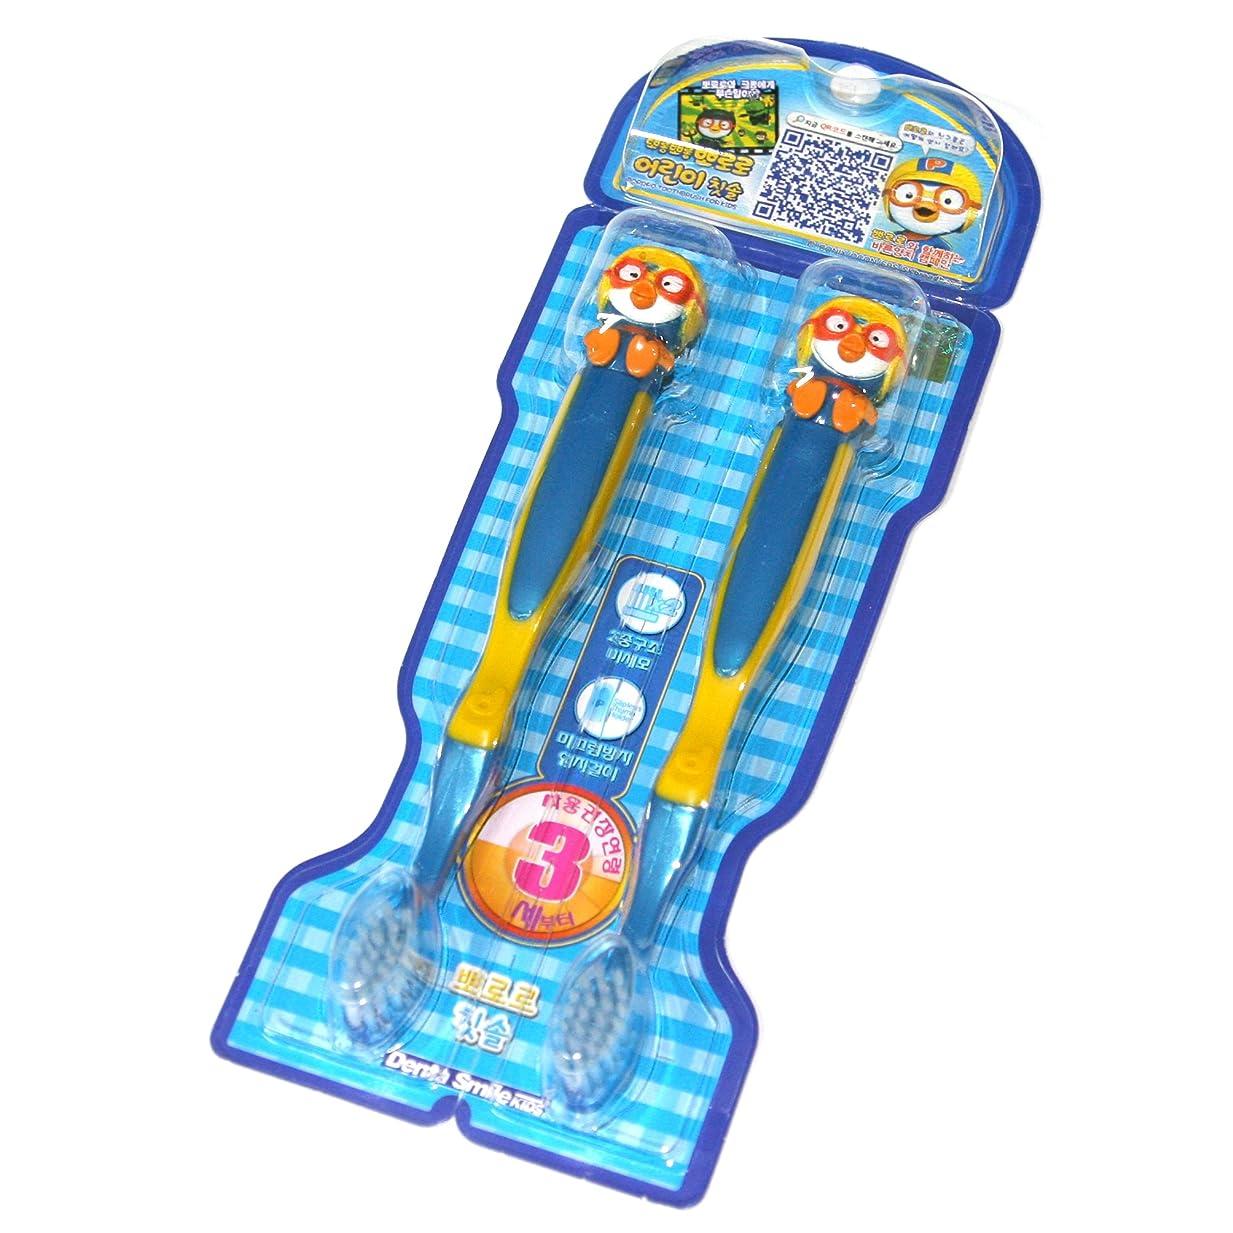 リーン内訳お別れPORORO Toothbrush For Kids 2ea set (PORORO) ポロロ 子供用 歯ブラシ2ea set (ポロロ ) [並行輸入品]